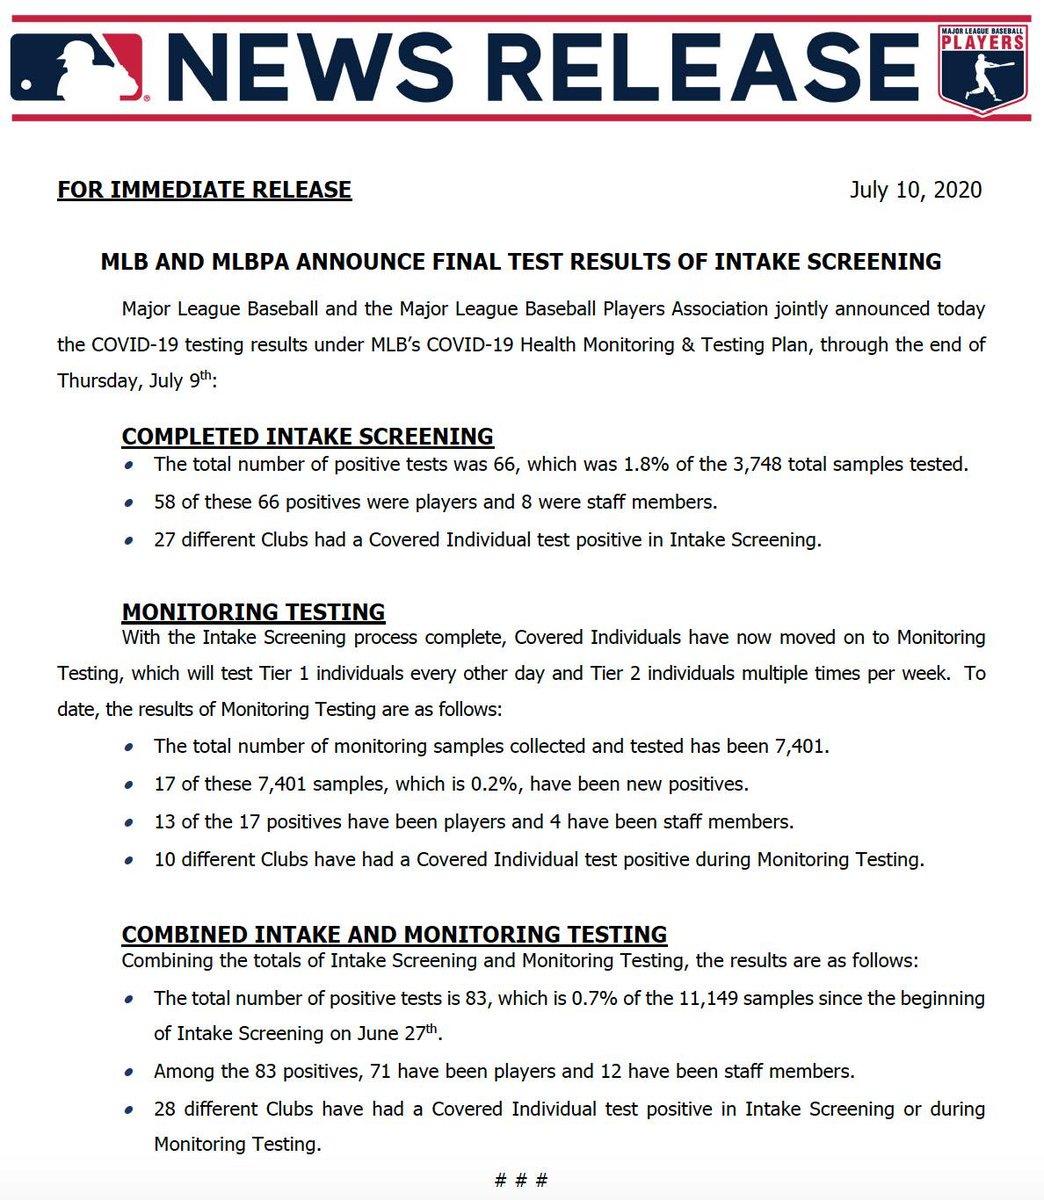 #MLB y #MLBPA anunciaron los resultados finales de las pruebas al COVID-19:   - Un total de 66 casos dieron positivos, equivalente al 1.8% de las 3.748 pruebas realizadas.   - 58 de esos 66 casos positivos son jugadores, el resto (8) son miembros del equipo https://t.co/k7oUt1Wcca